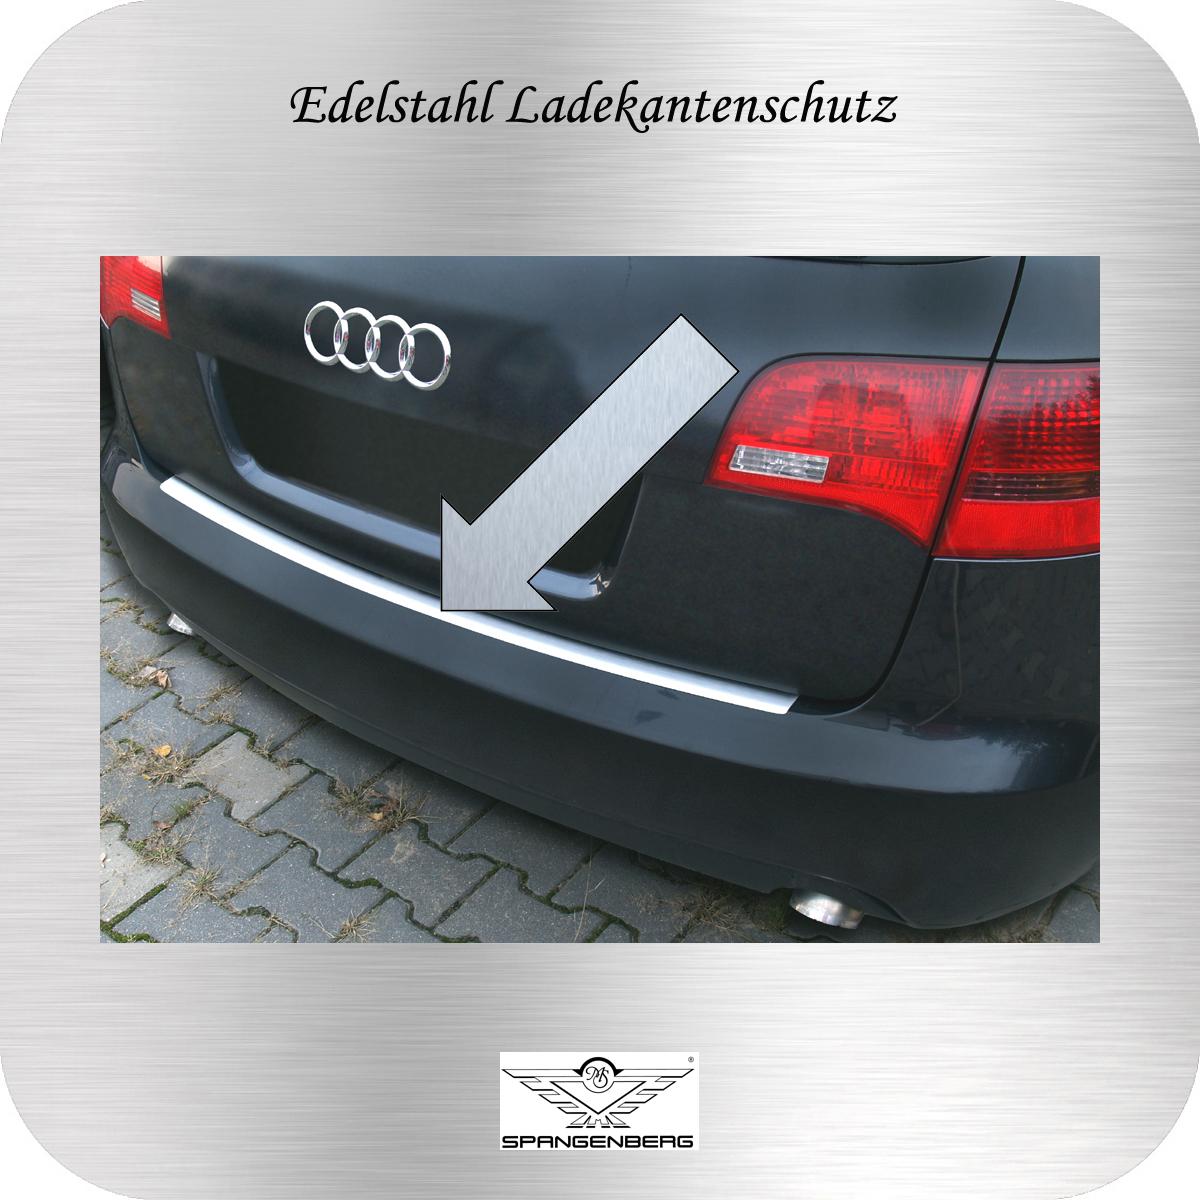 Ladekantenschutz Edelstahl Audi A6 Avant 4F5 C6 Kombi 2005-11 3235496